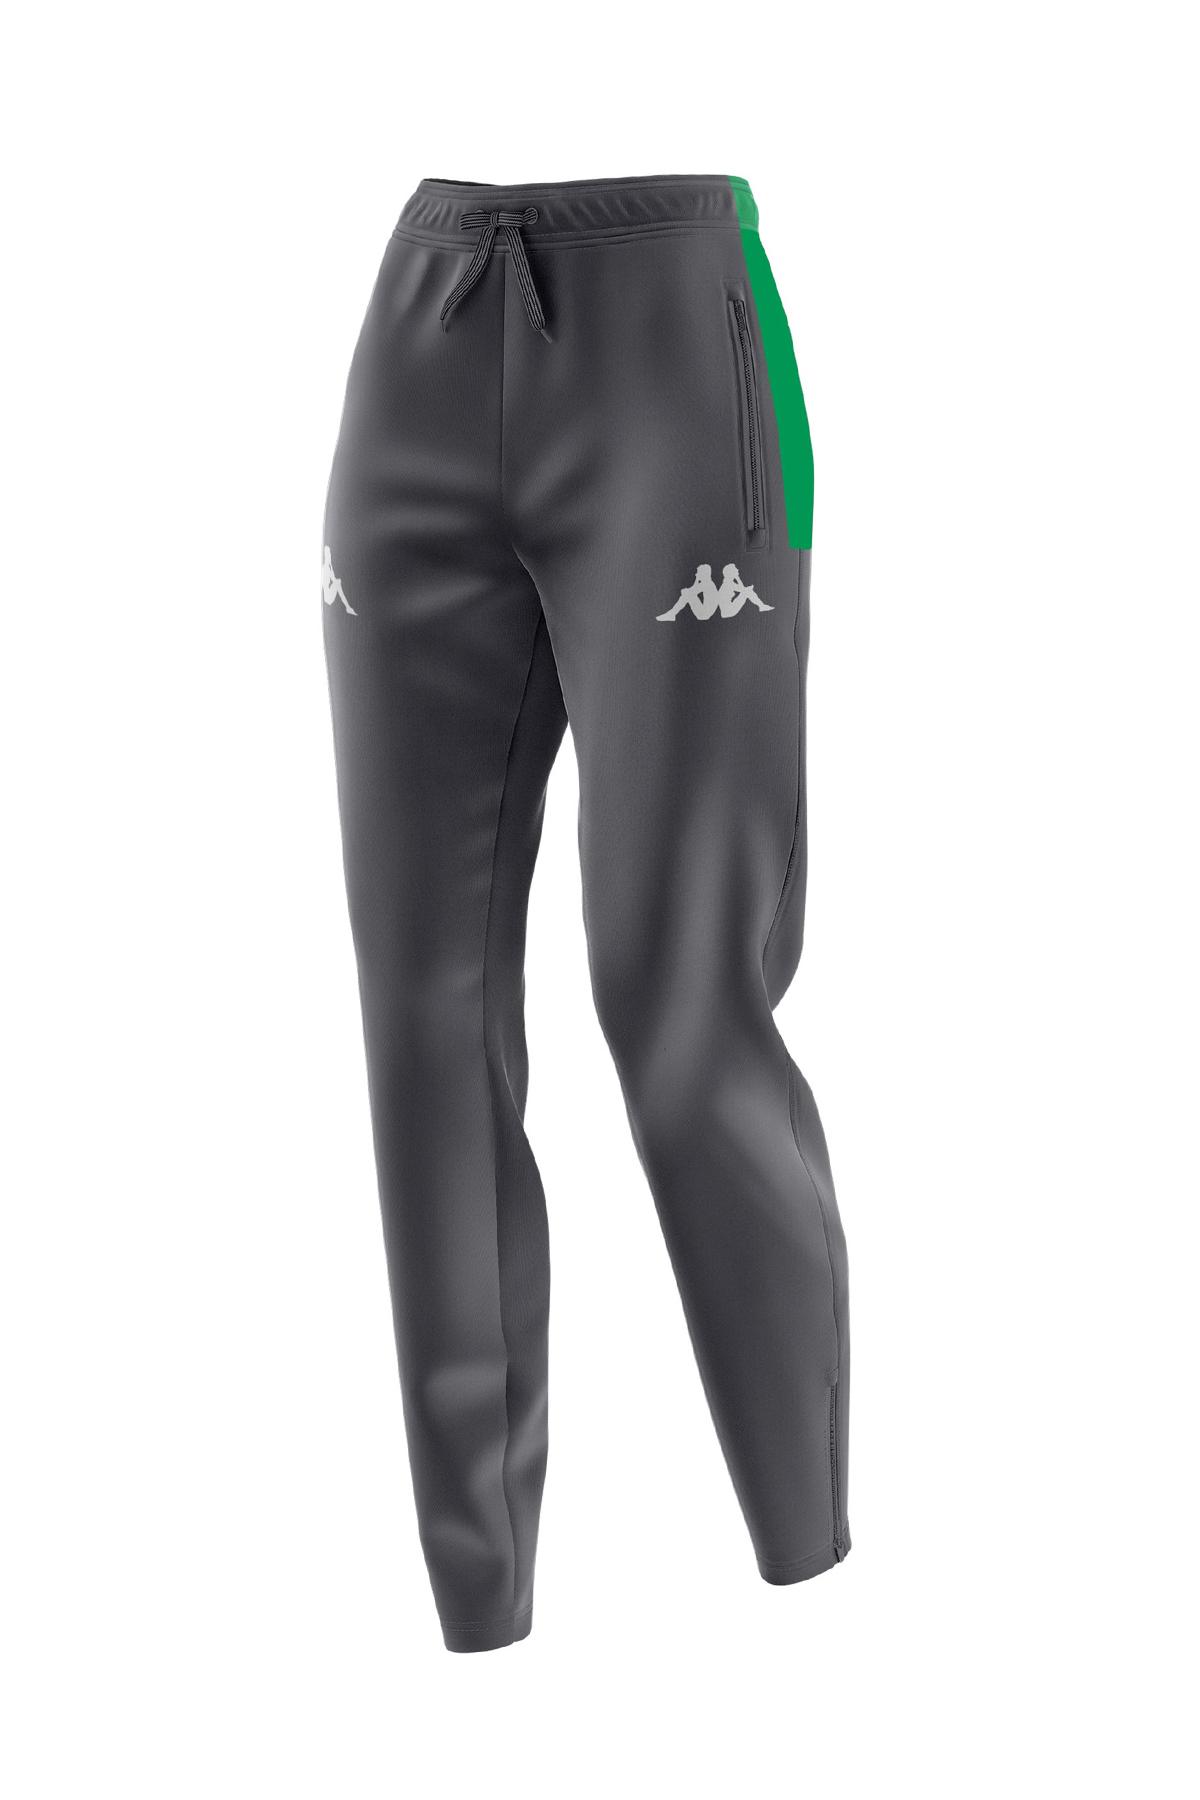 Kappa Sweat Dalgıç Siyah/Yeşil Pantolon (1-3113X3WA-06)